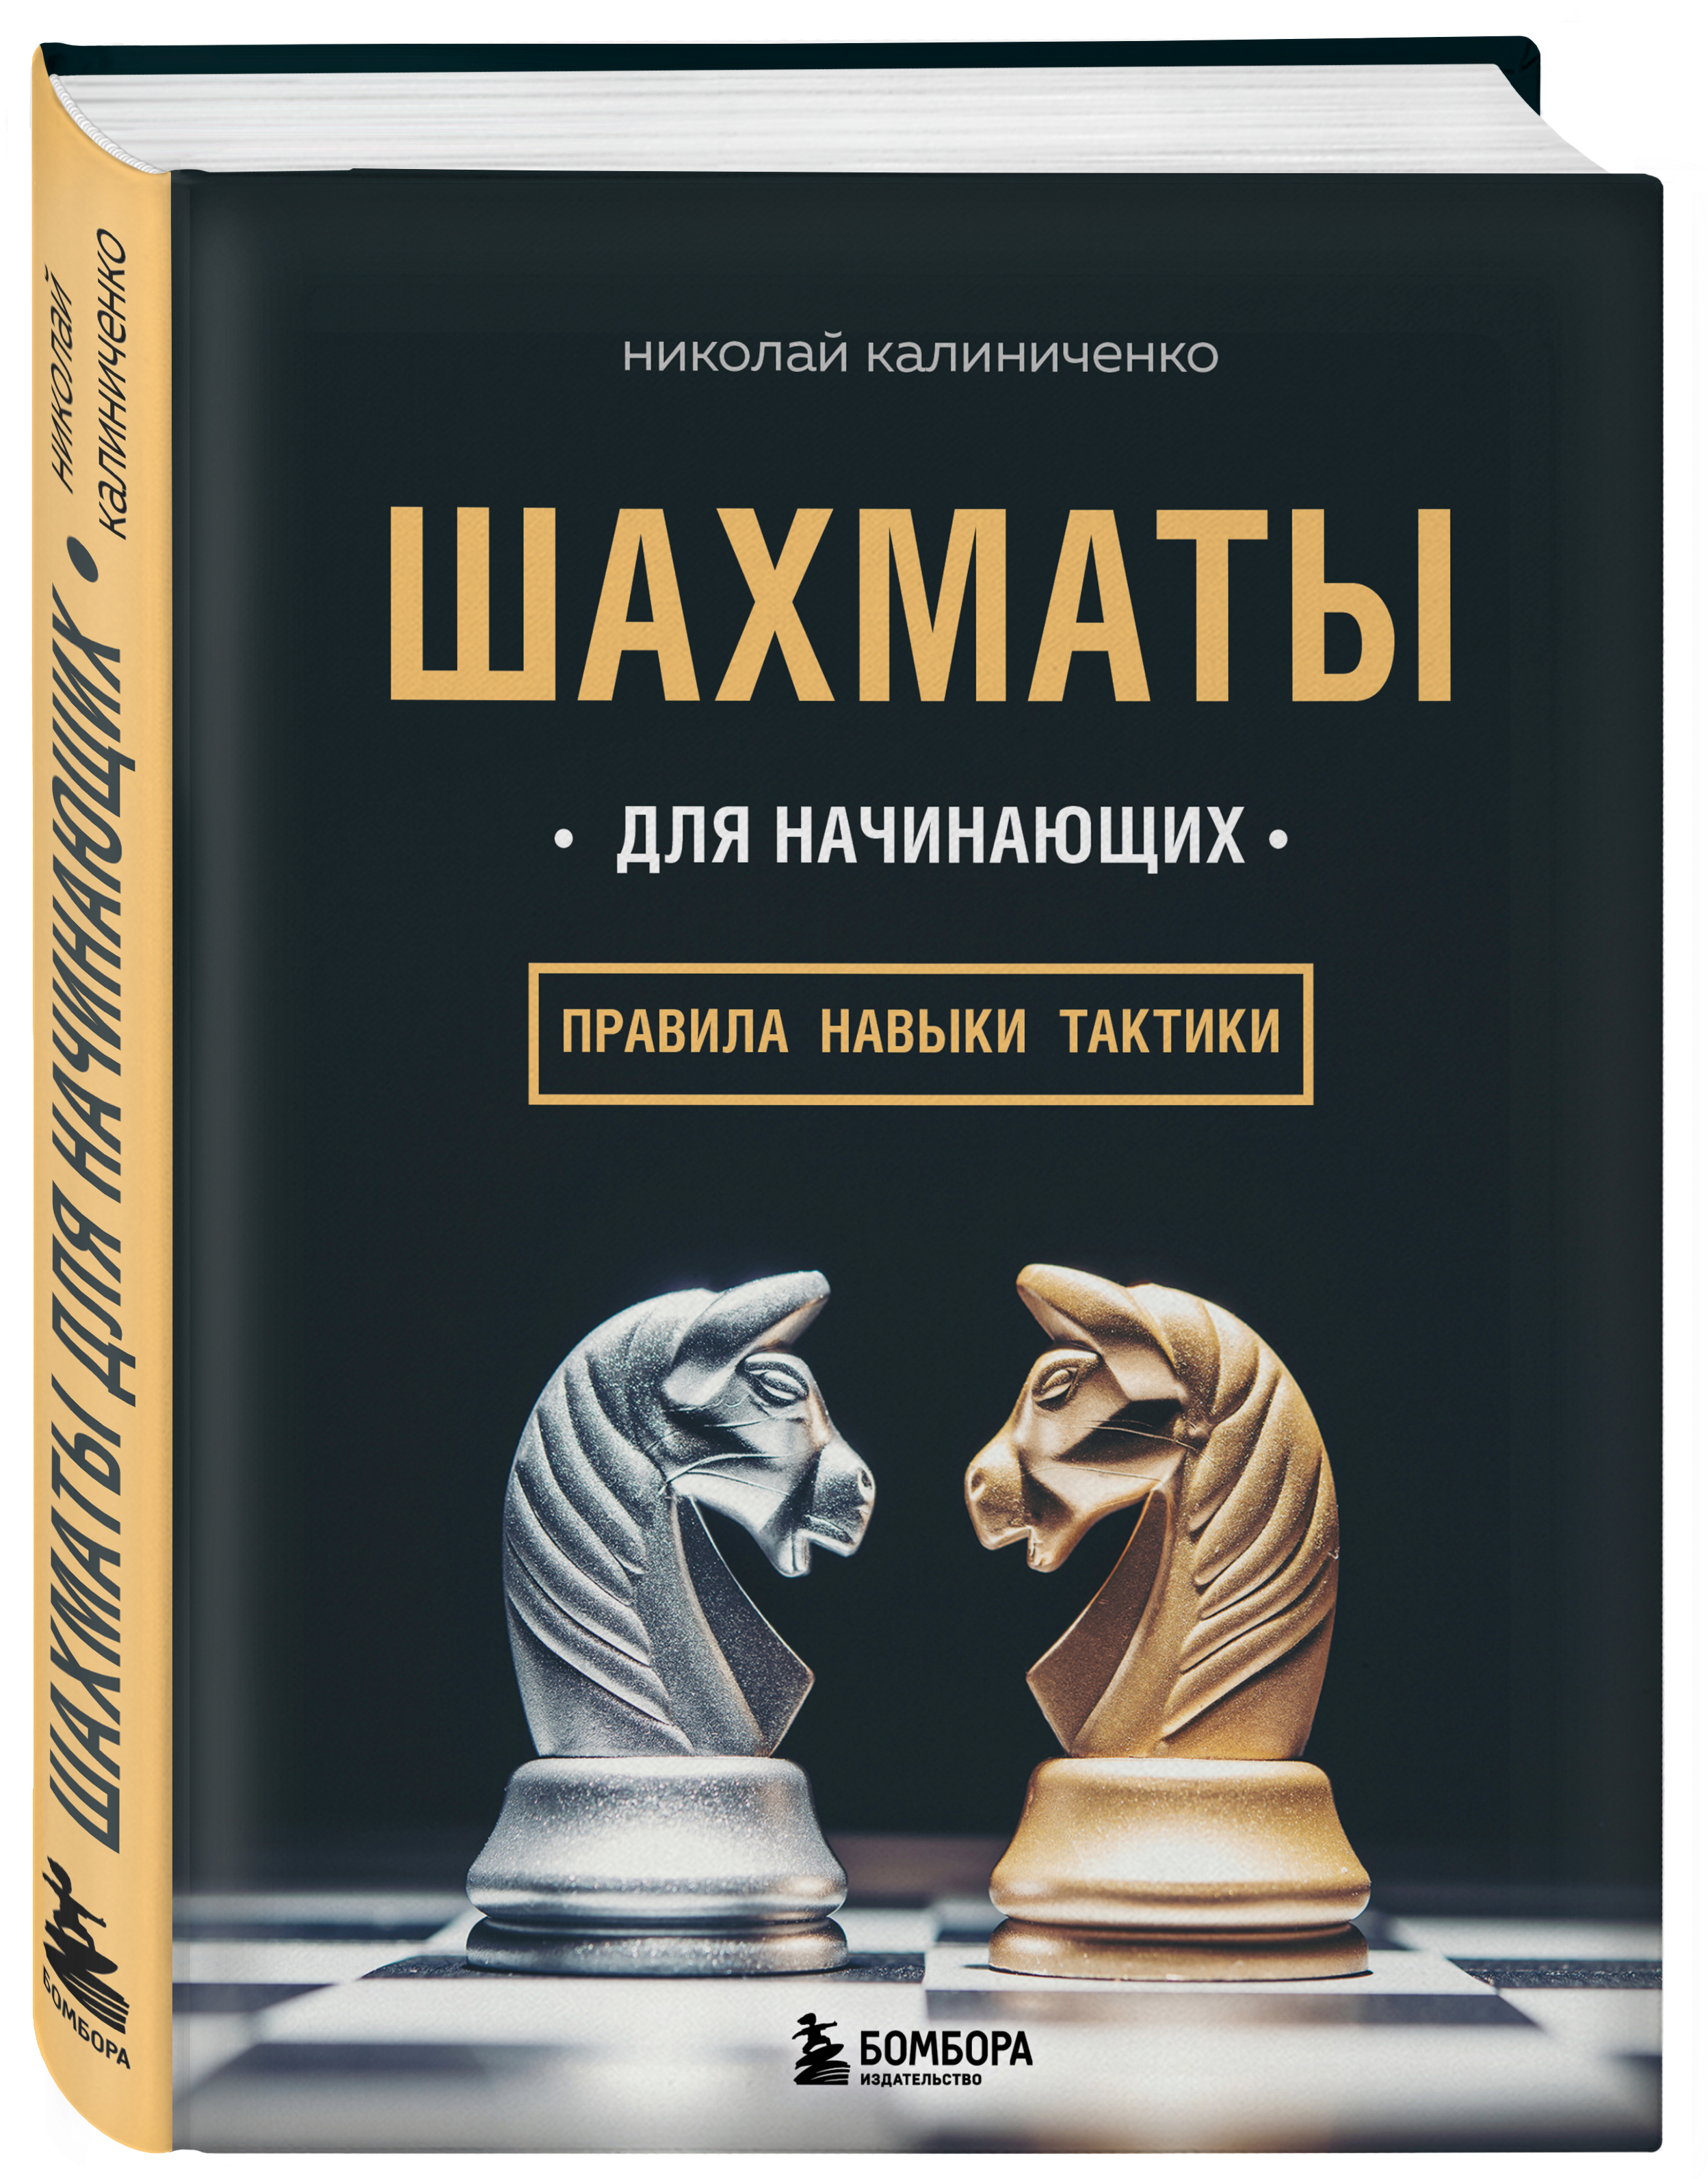 Николай Калиниченко Шахматы для начинающих: правила, навыки, тактики